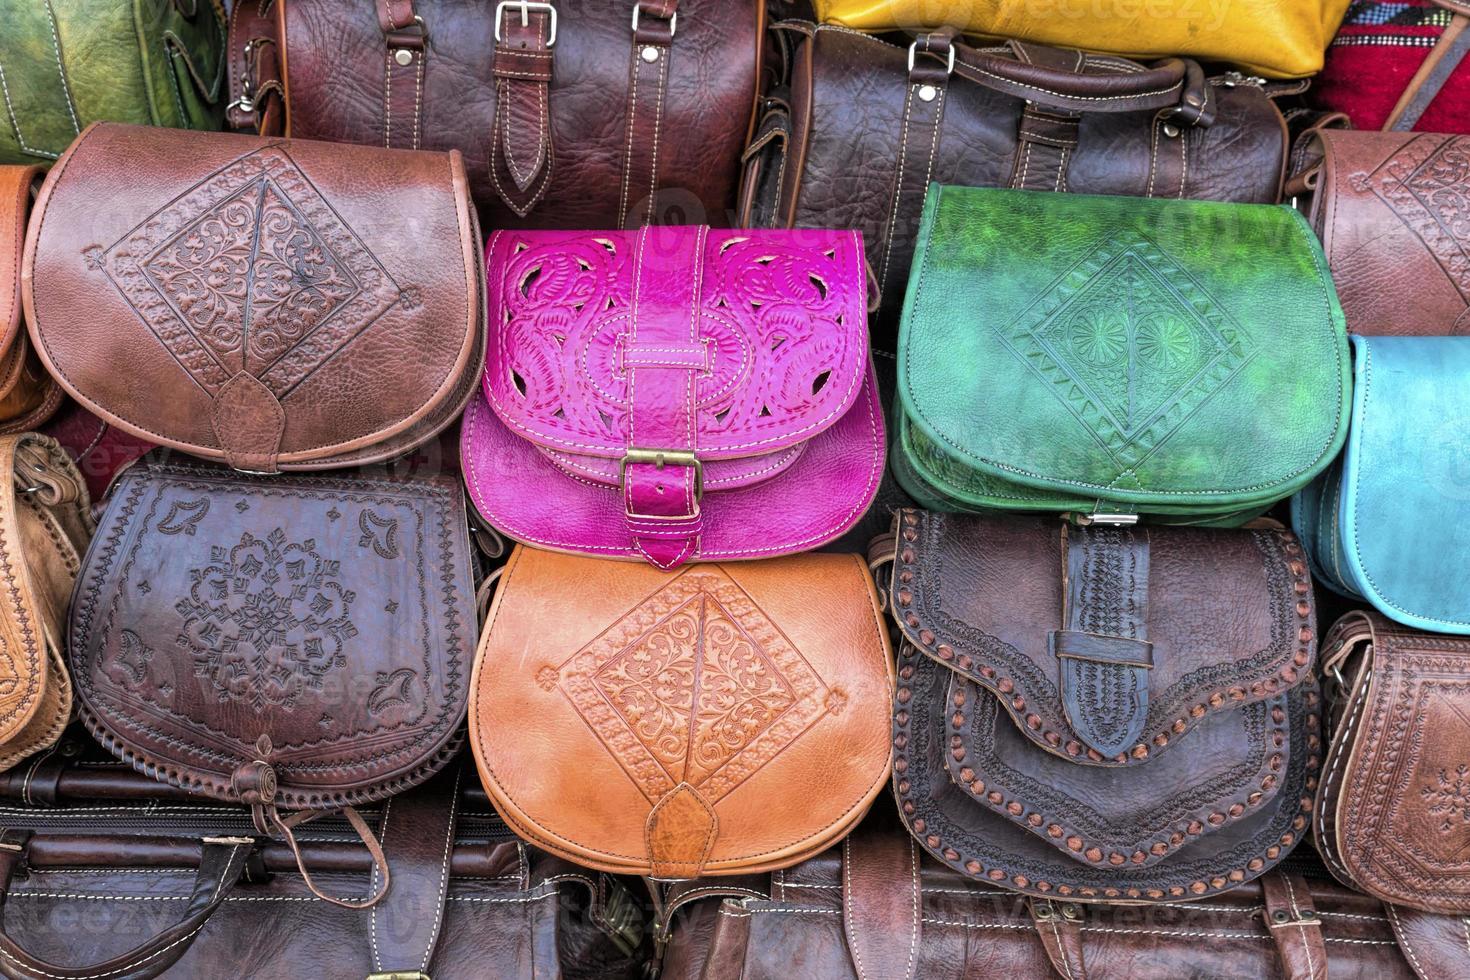 bolsas de couro artesanais em um mercado em marrocos, áfrica foto